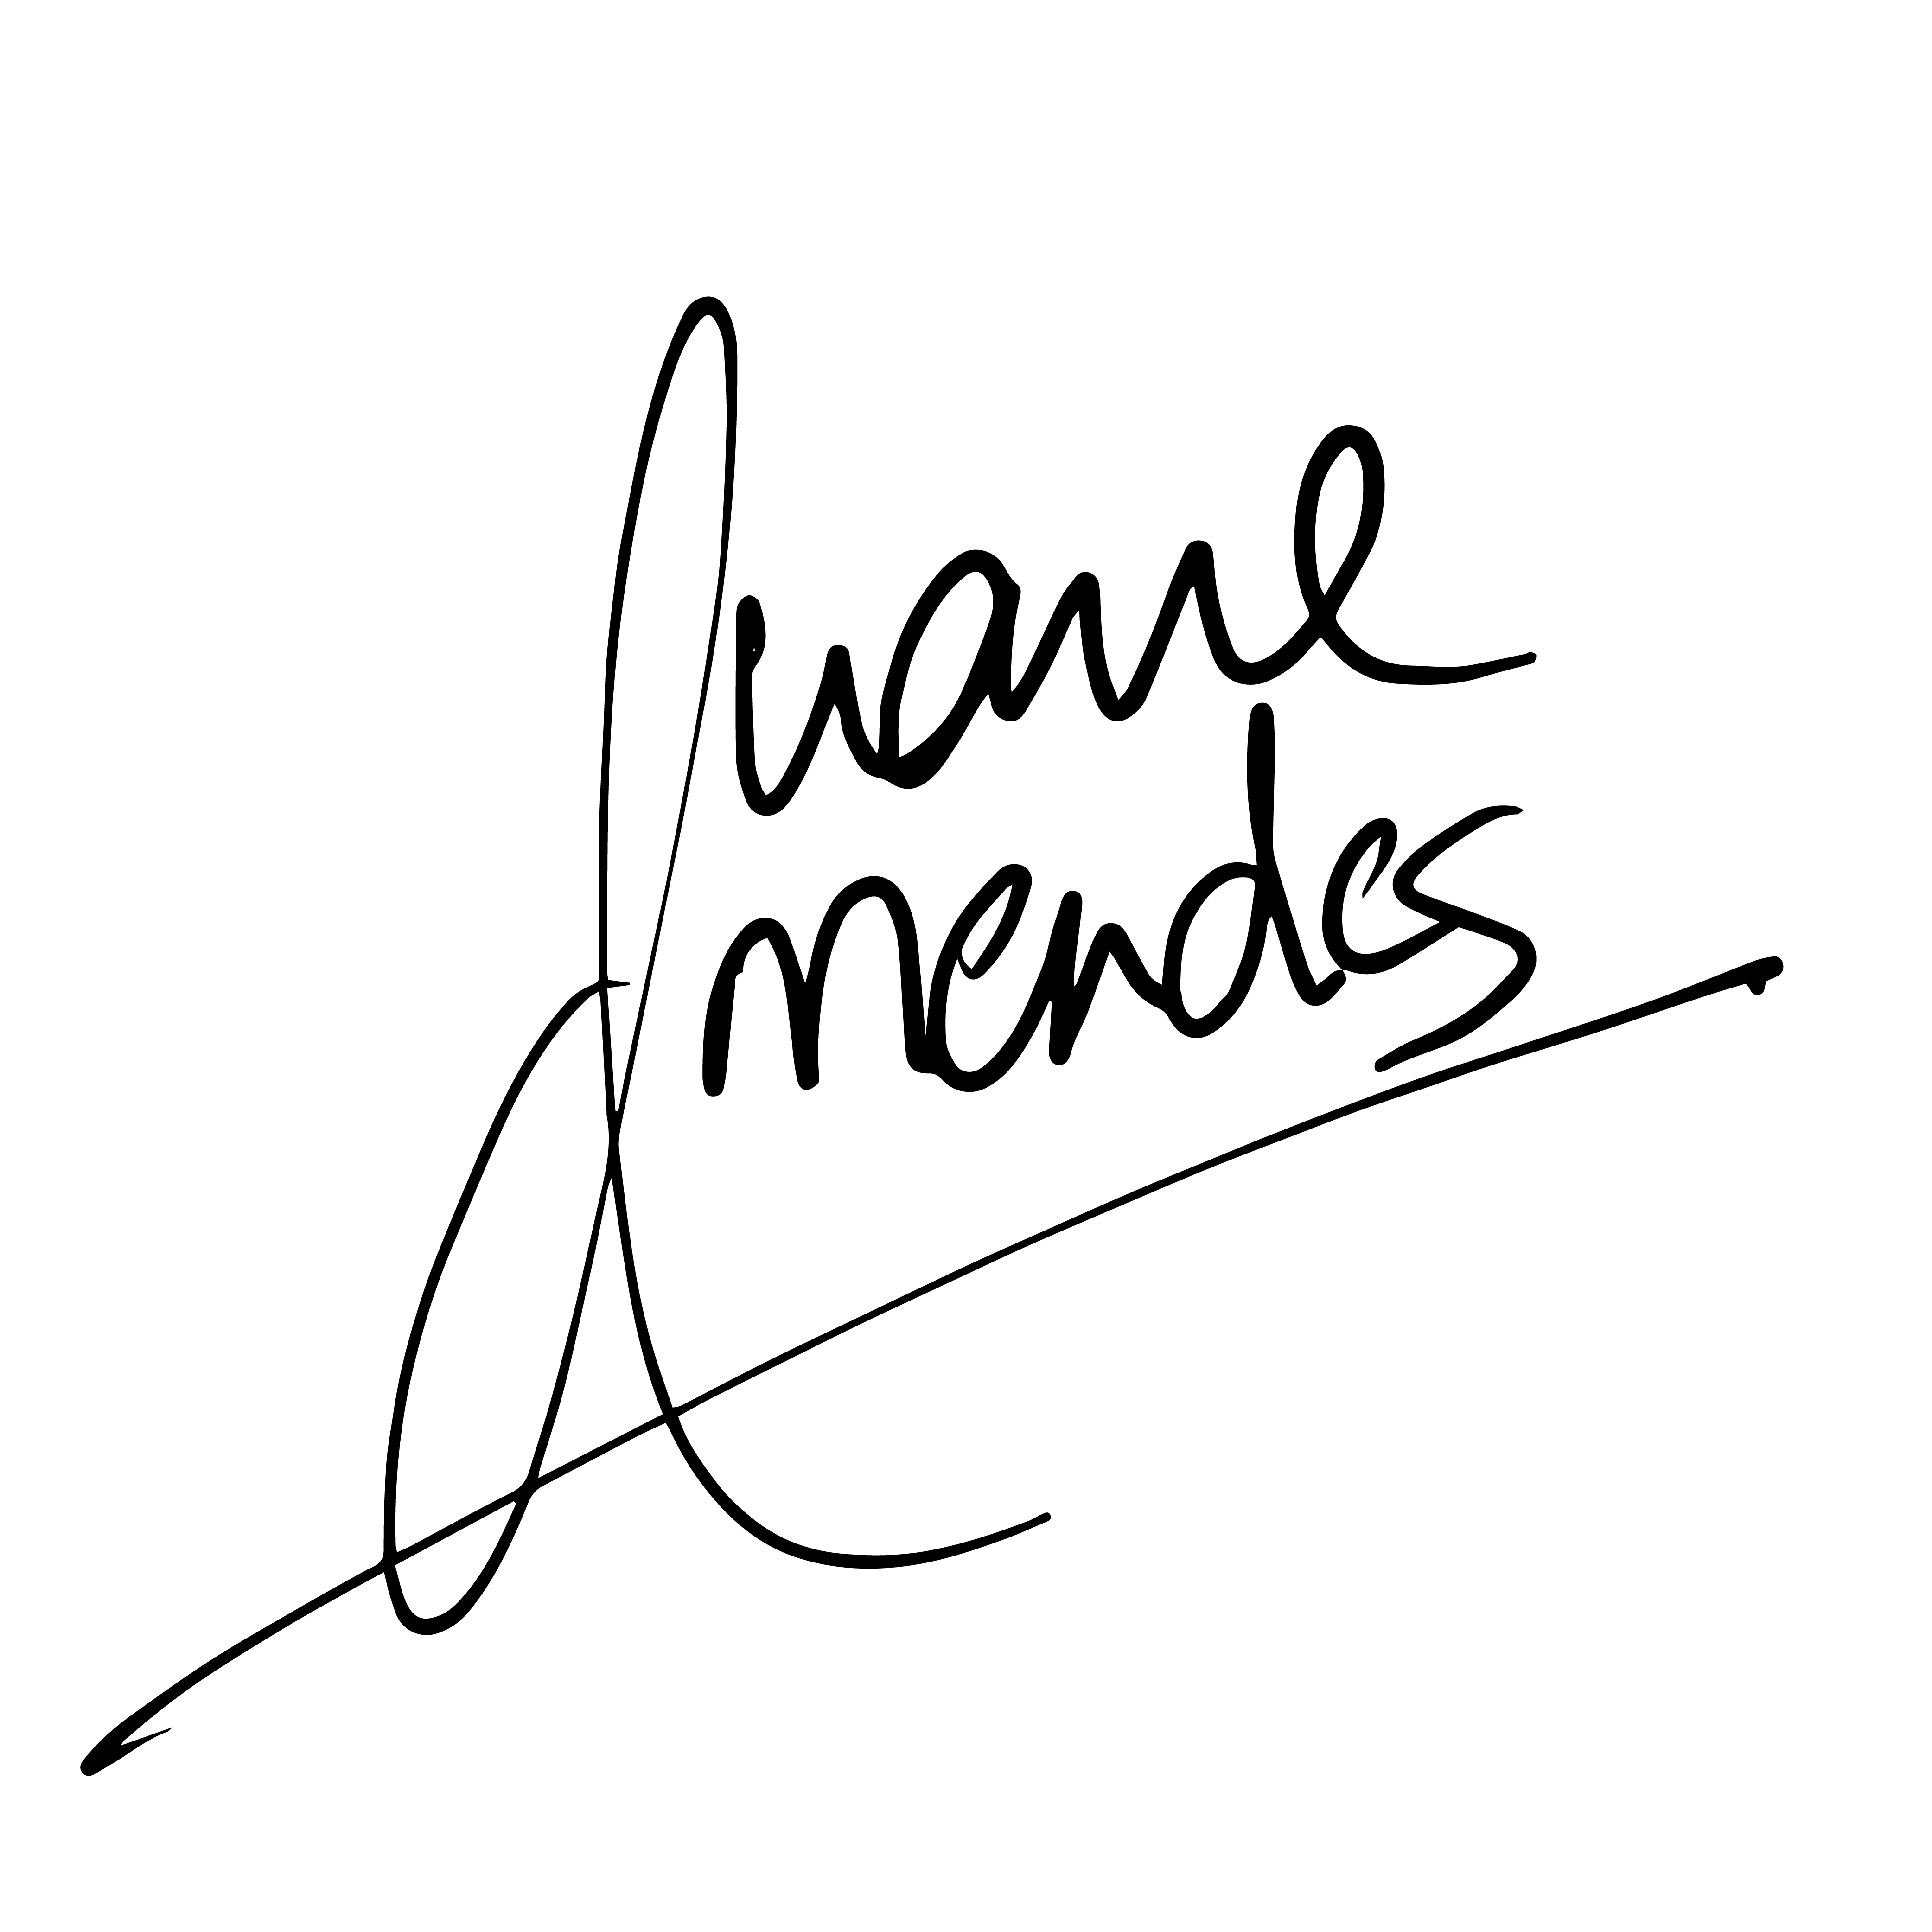 Duane Mendes Signature